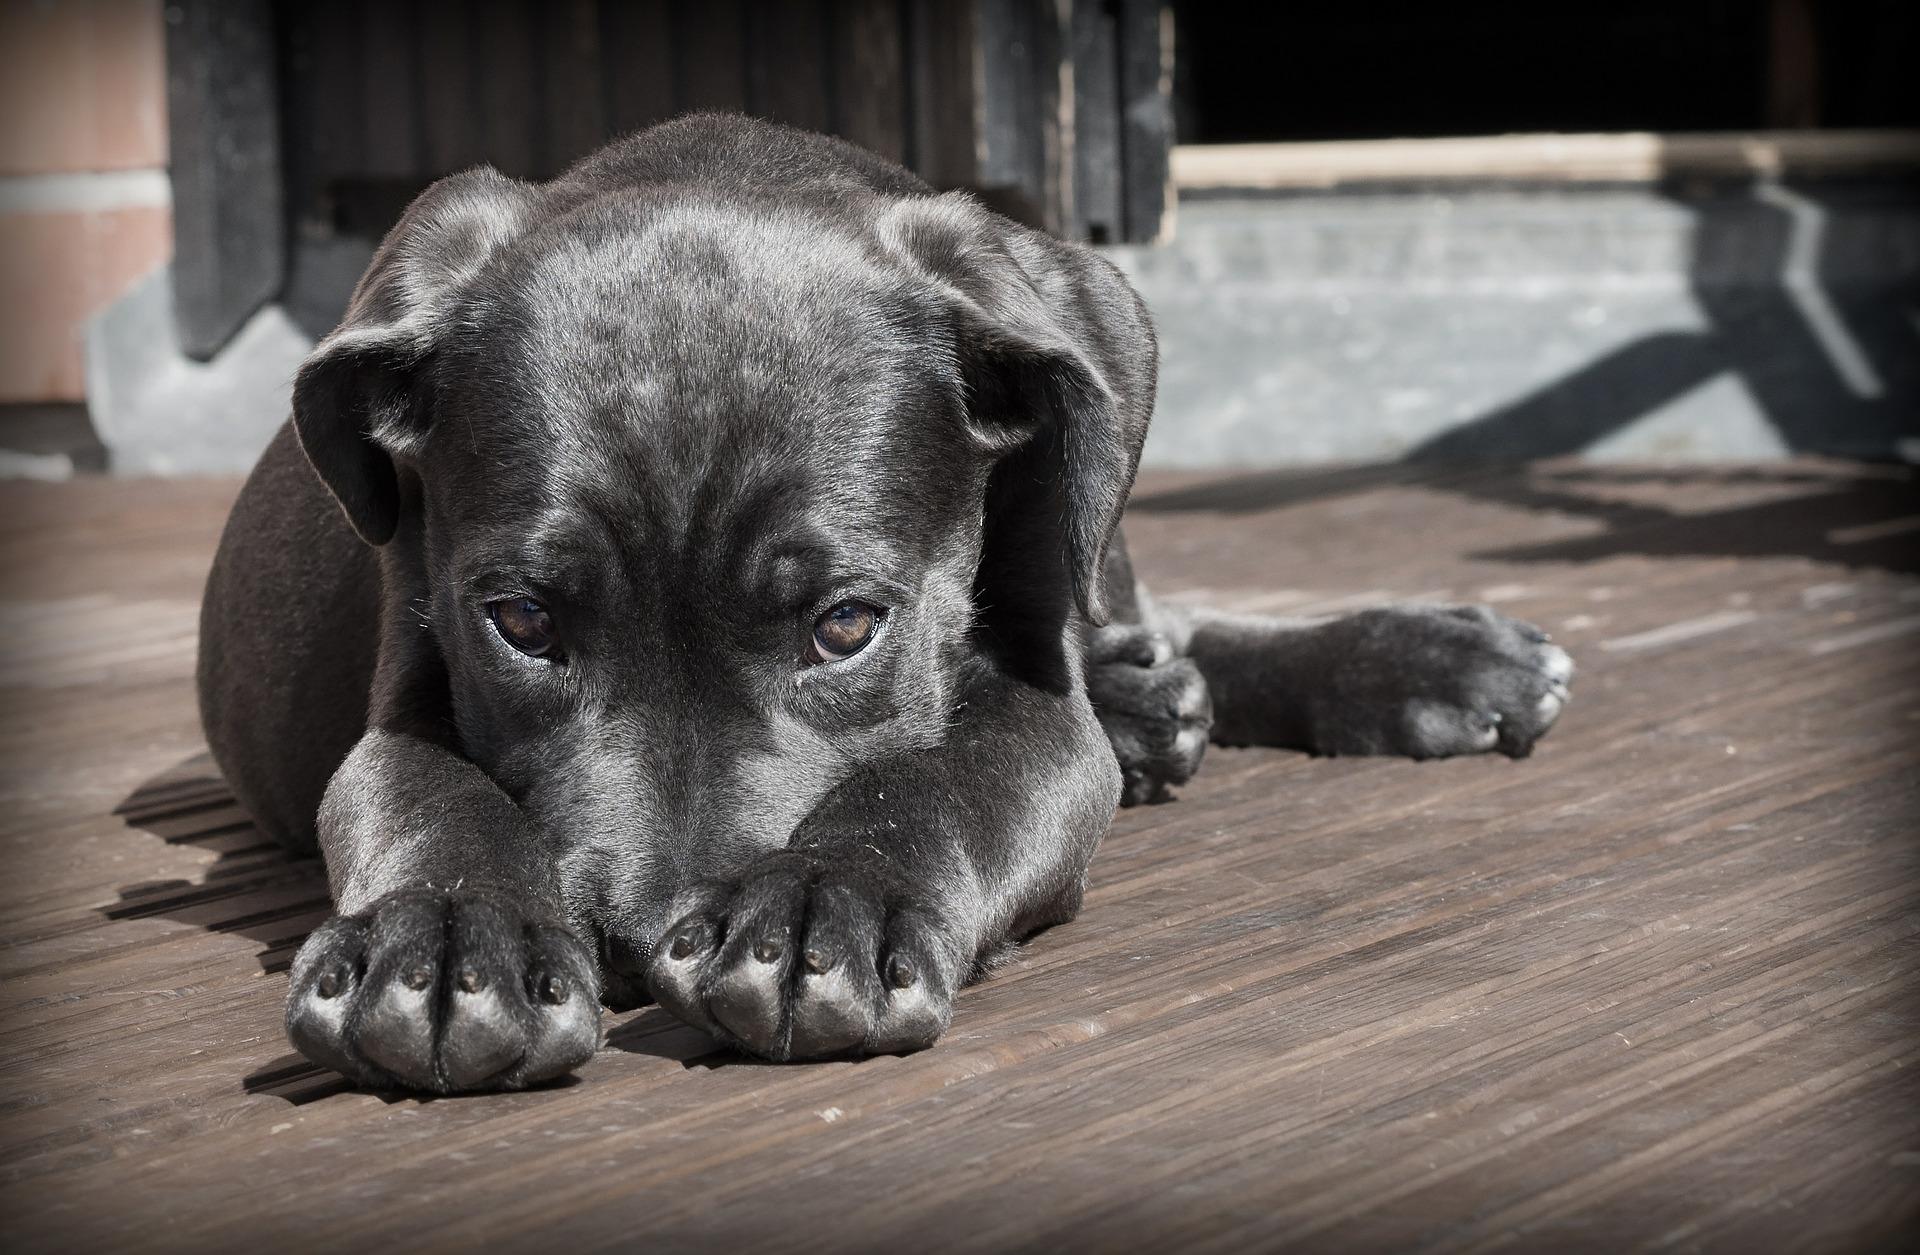 Se poate! Un câine a slăbit 20 de kilograme printr-o dietă sănătoasă